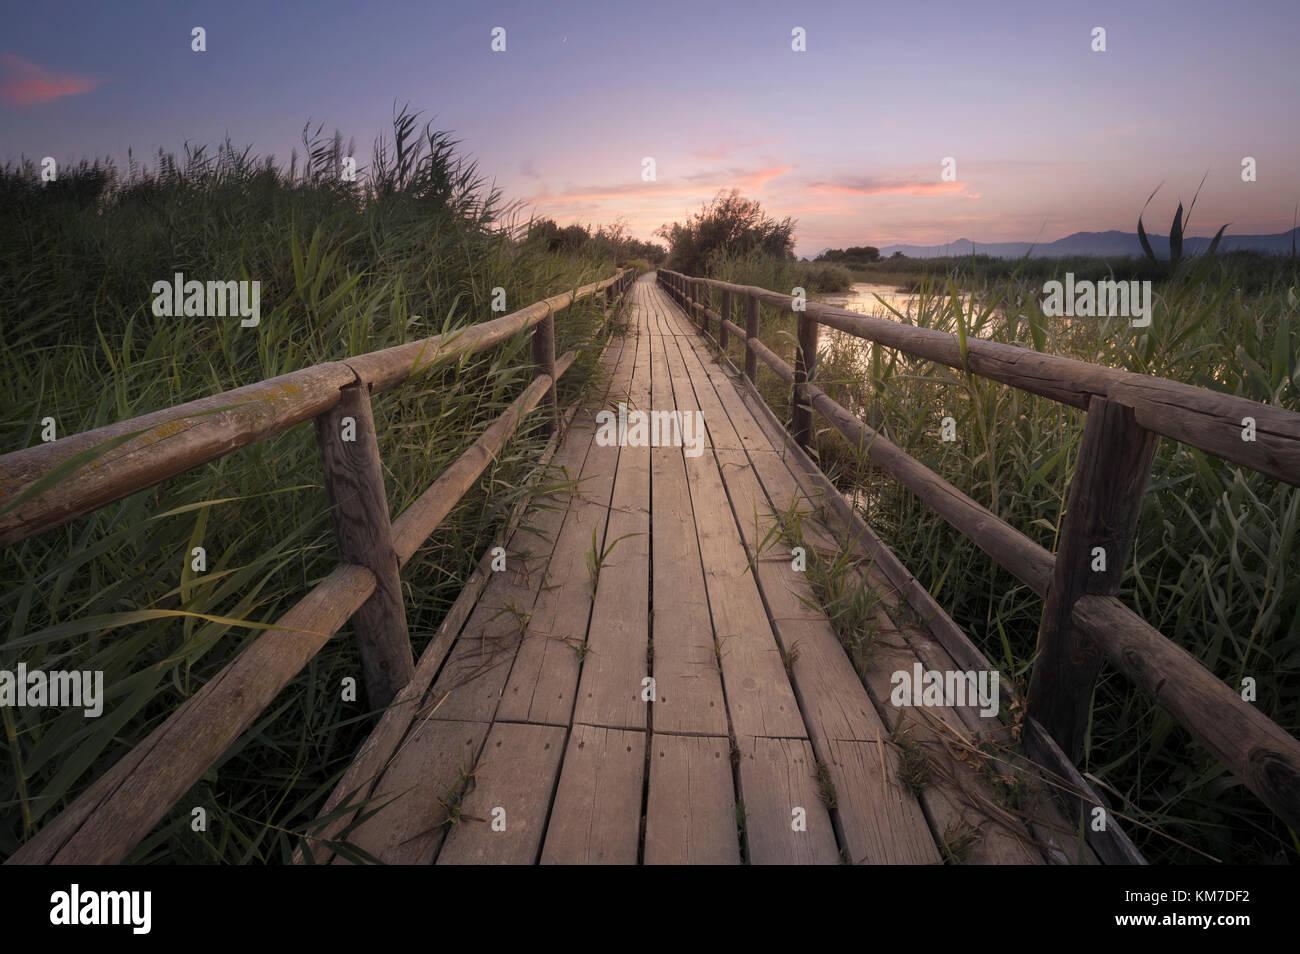 Art photographique d'un chemin en bois au coucher du soleil dans un marais dans la province d'Alicante, Espagne. Banque D'Images